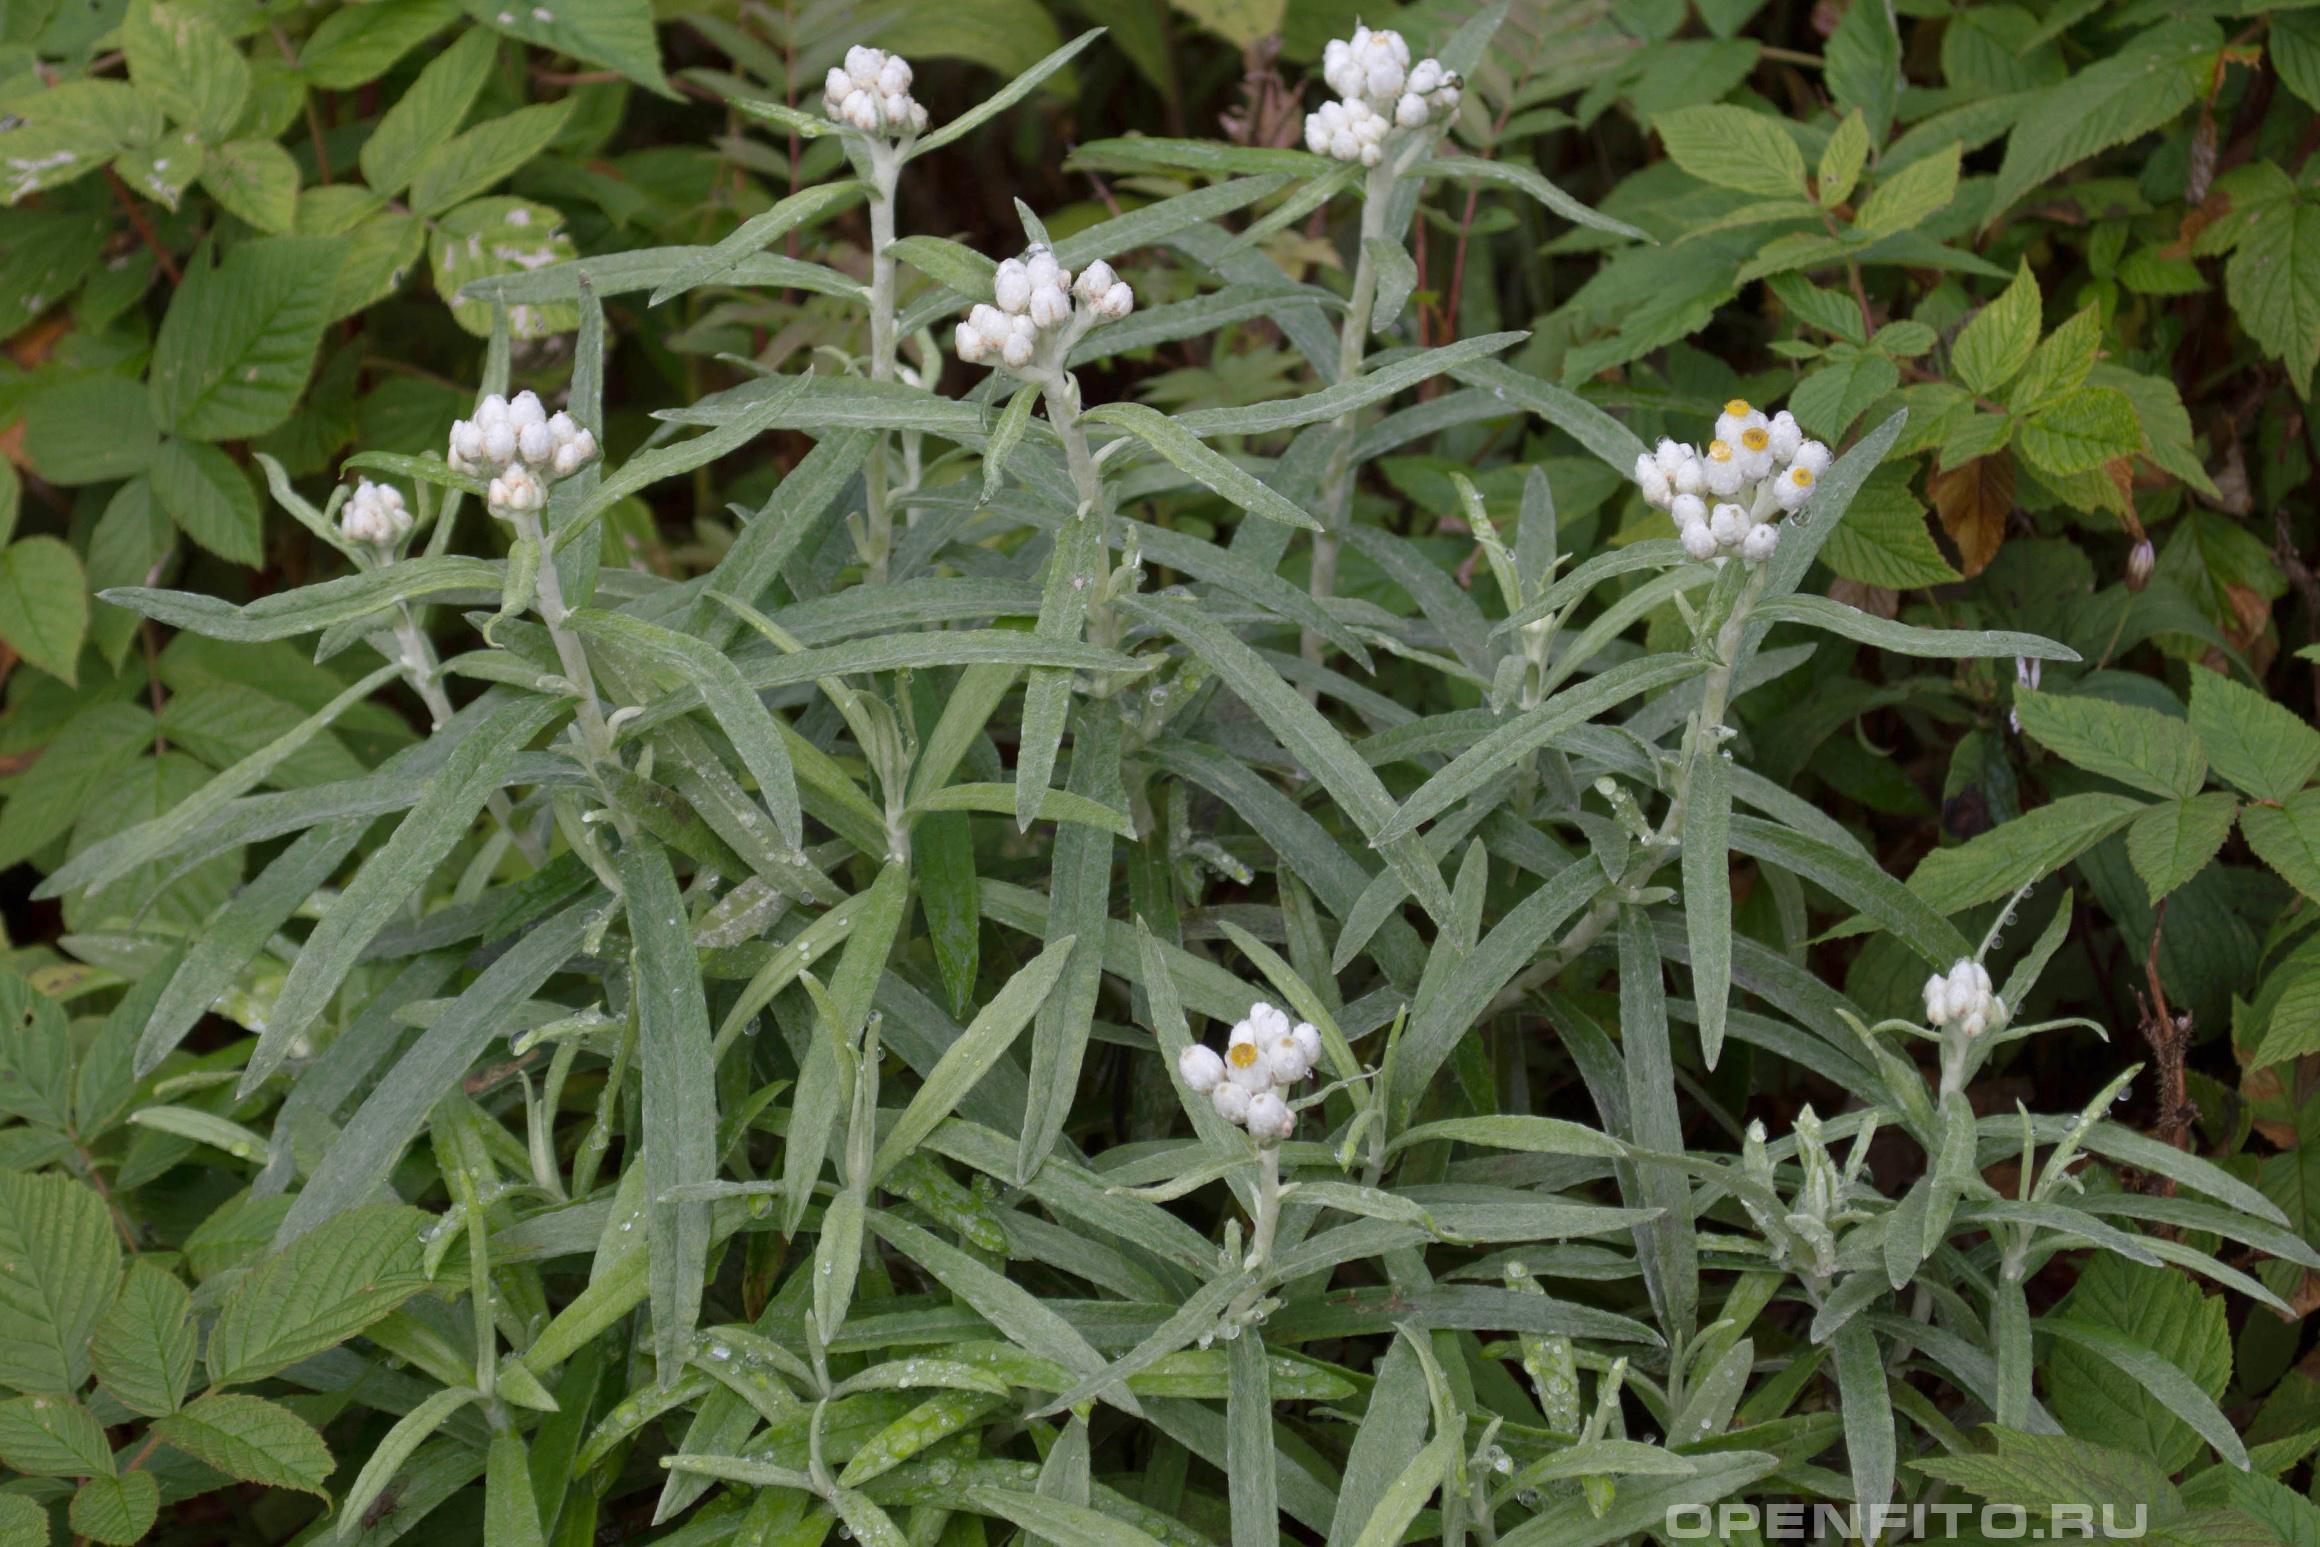 Анафалис жемчужный так же в литературе упоминается как коричный, узколистный, западный, шерстистый, японский